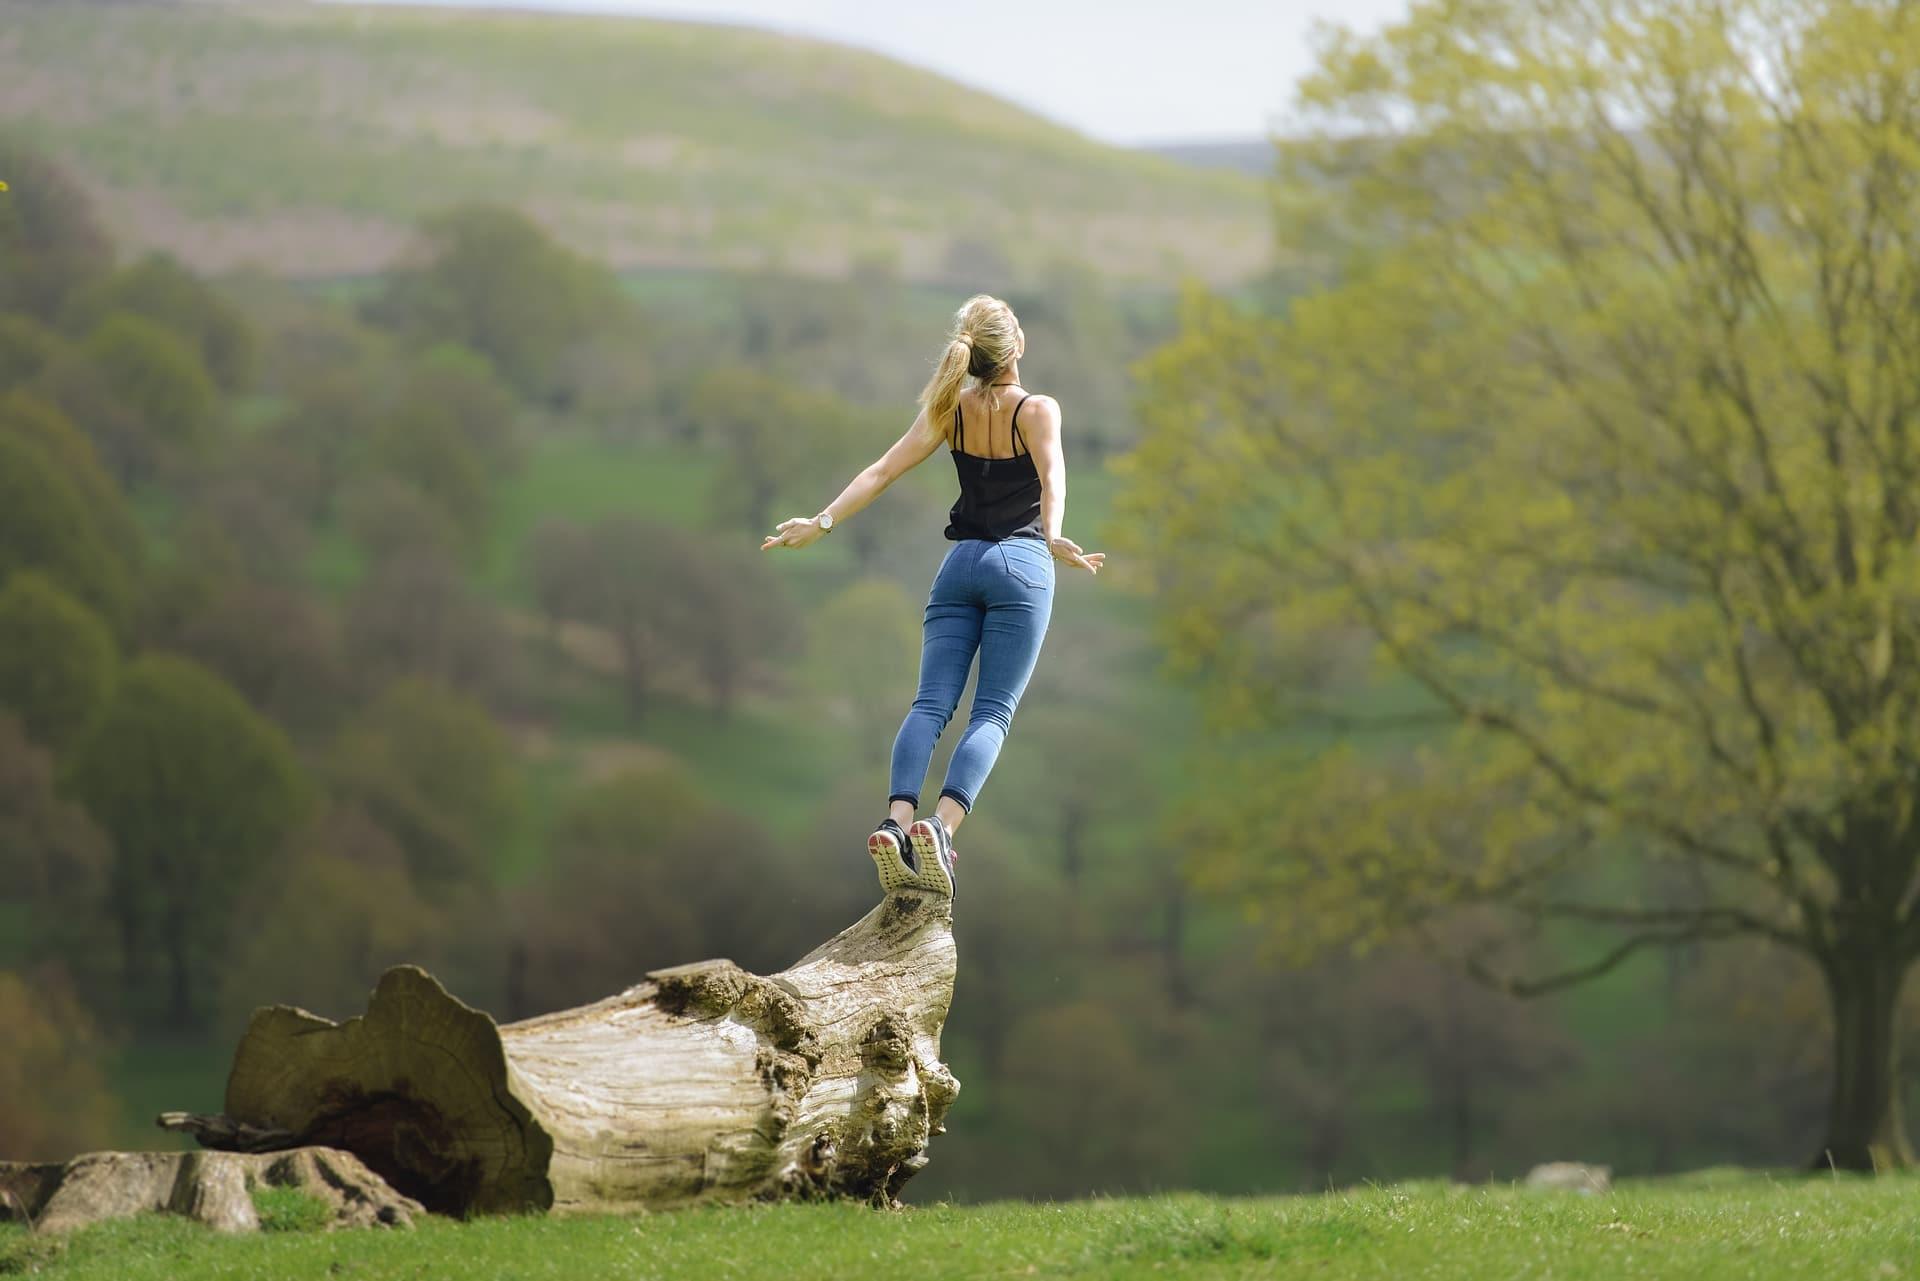 Mulher na ponta dos pés sobre um troco em meio à natureza.